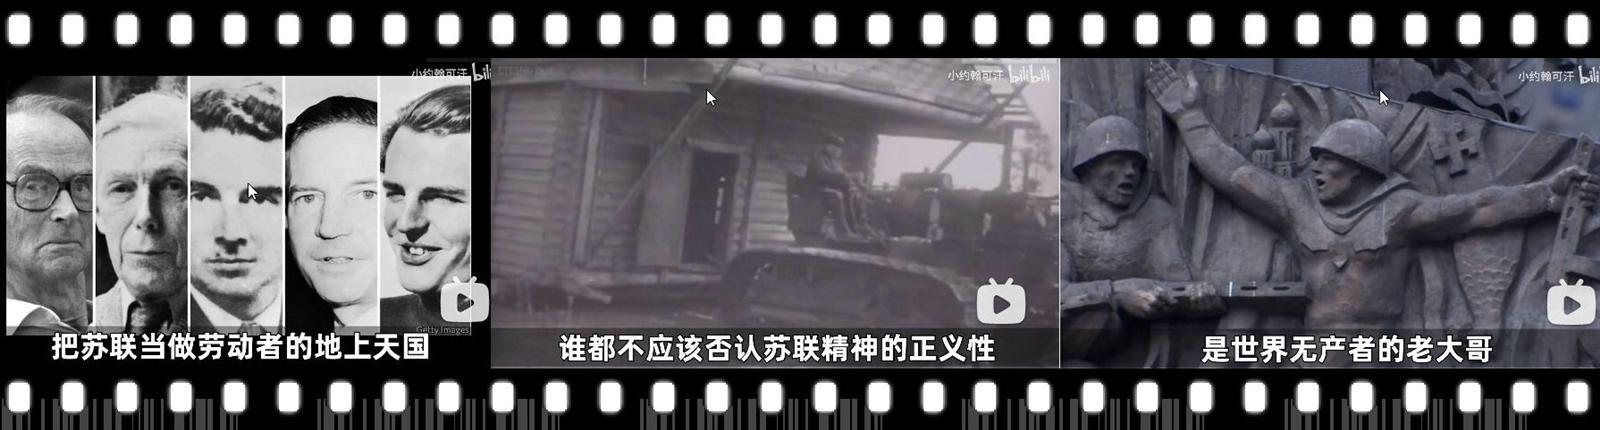 视频截图 -4